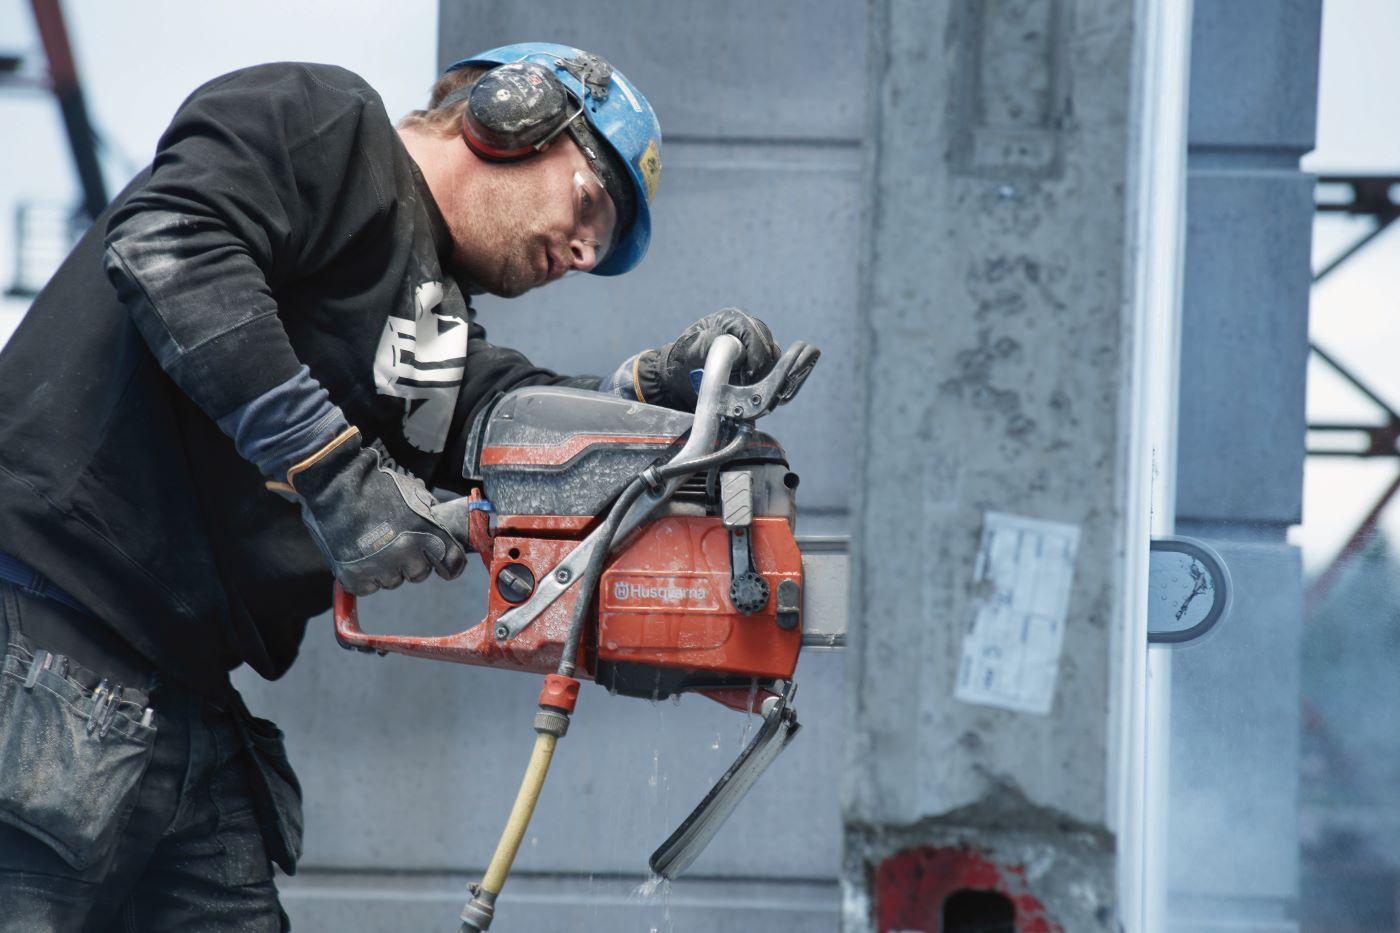 Husqvarna construction tool in use